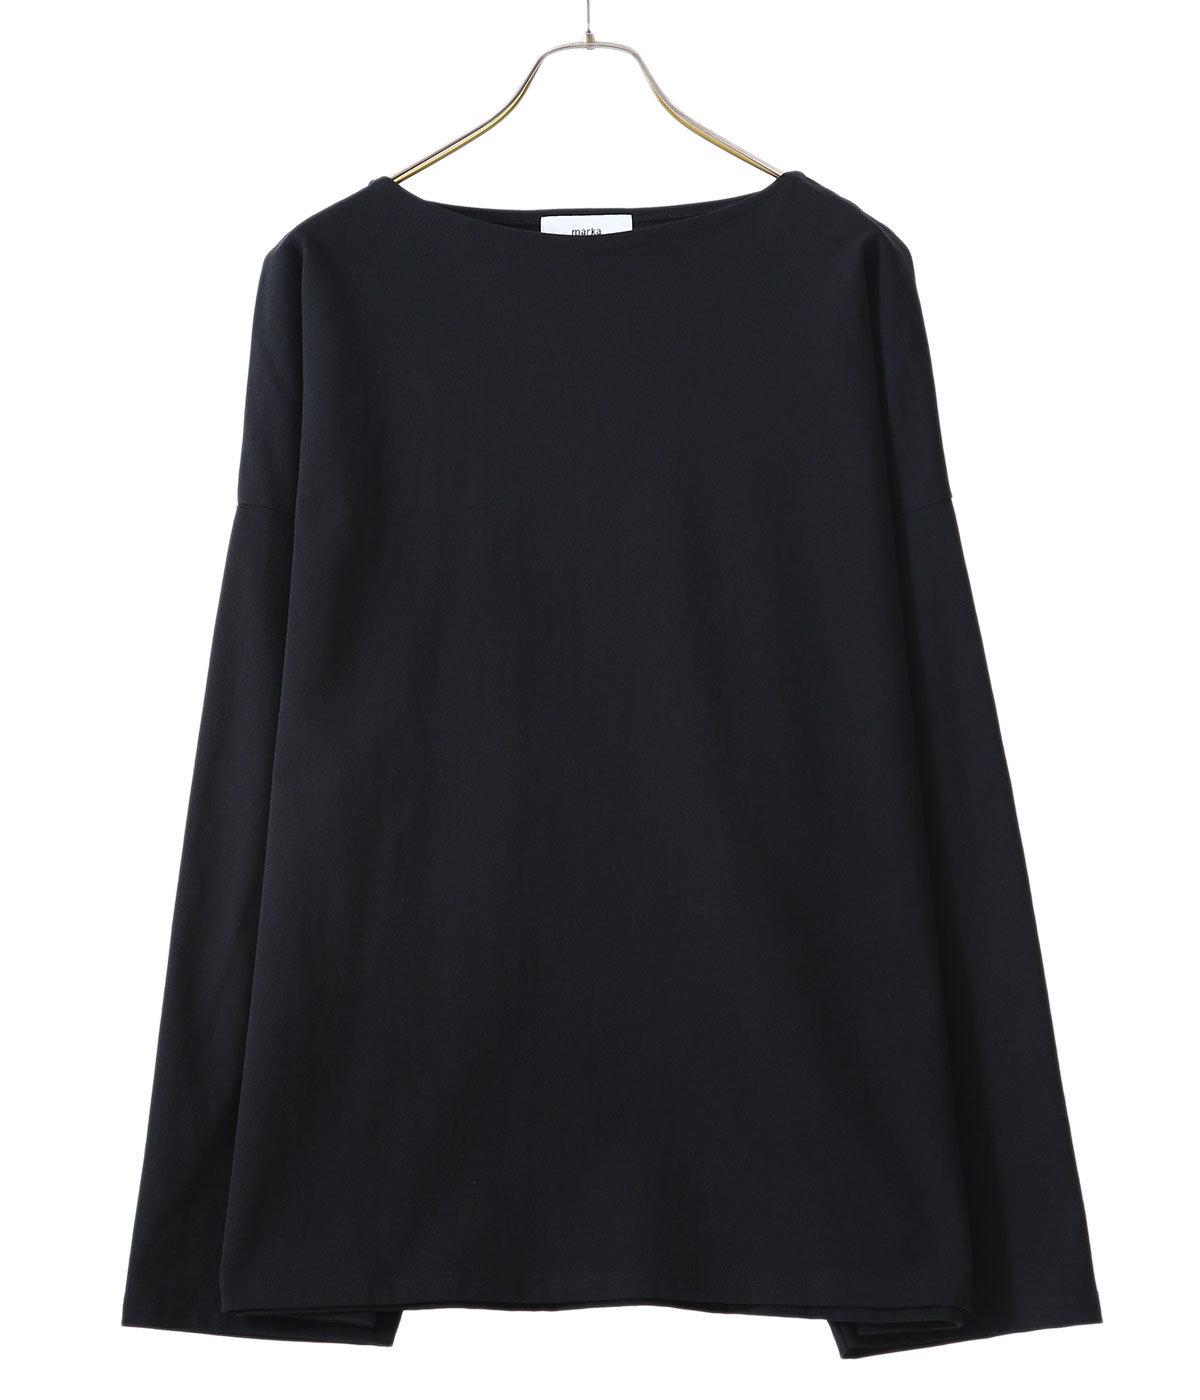 【予約】BASQUE SHIRT - organic cotton 30/2 knit -